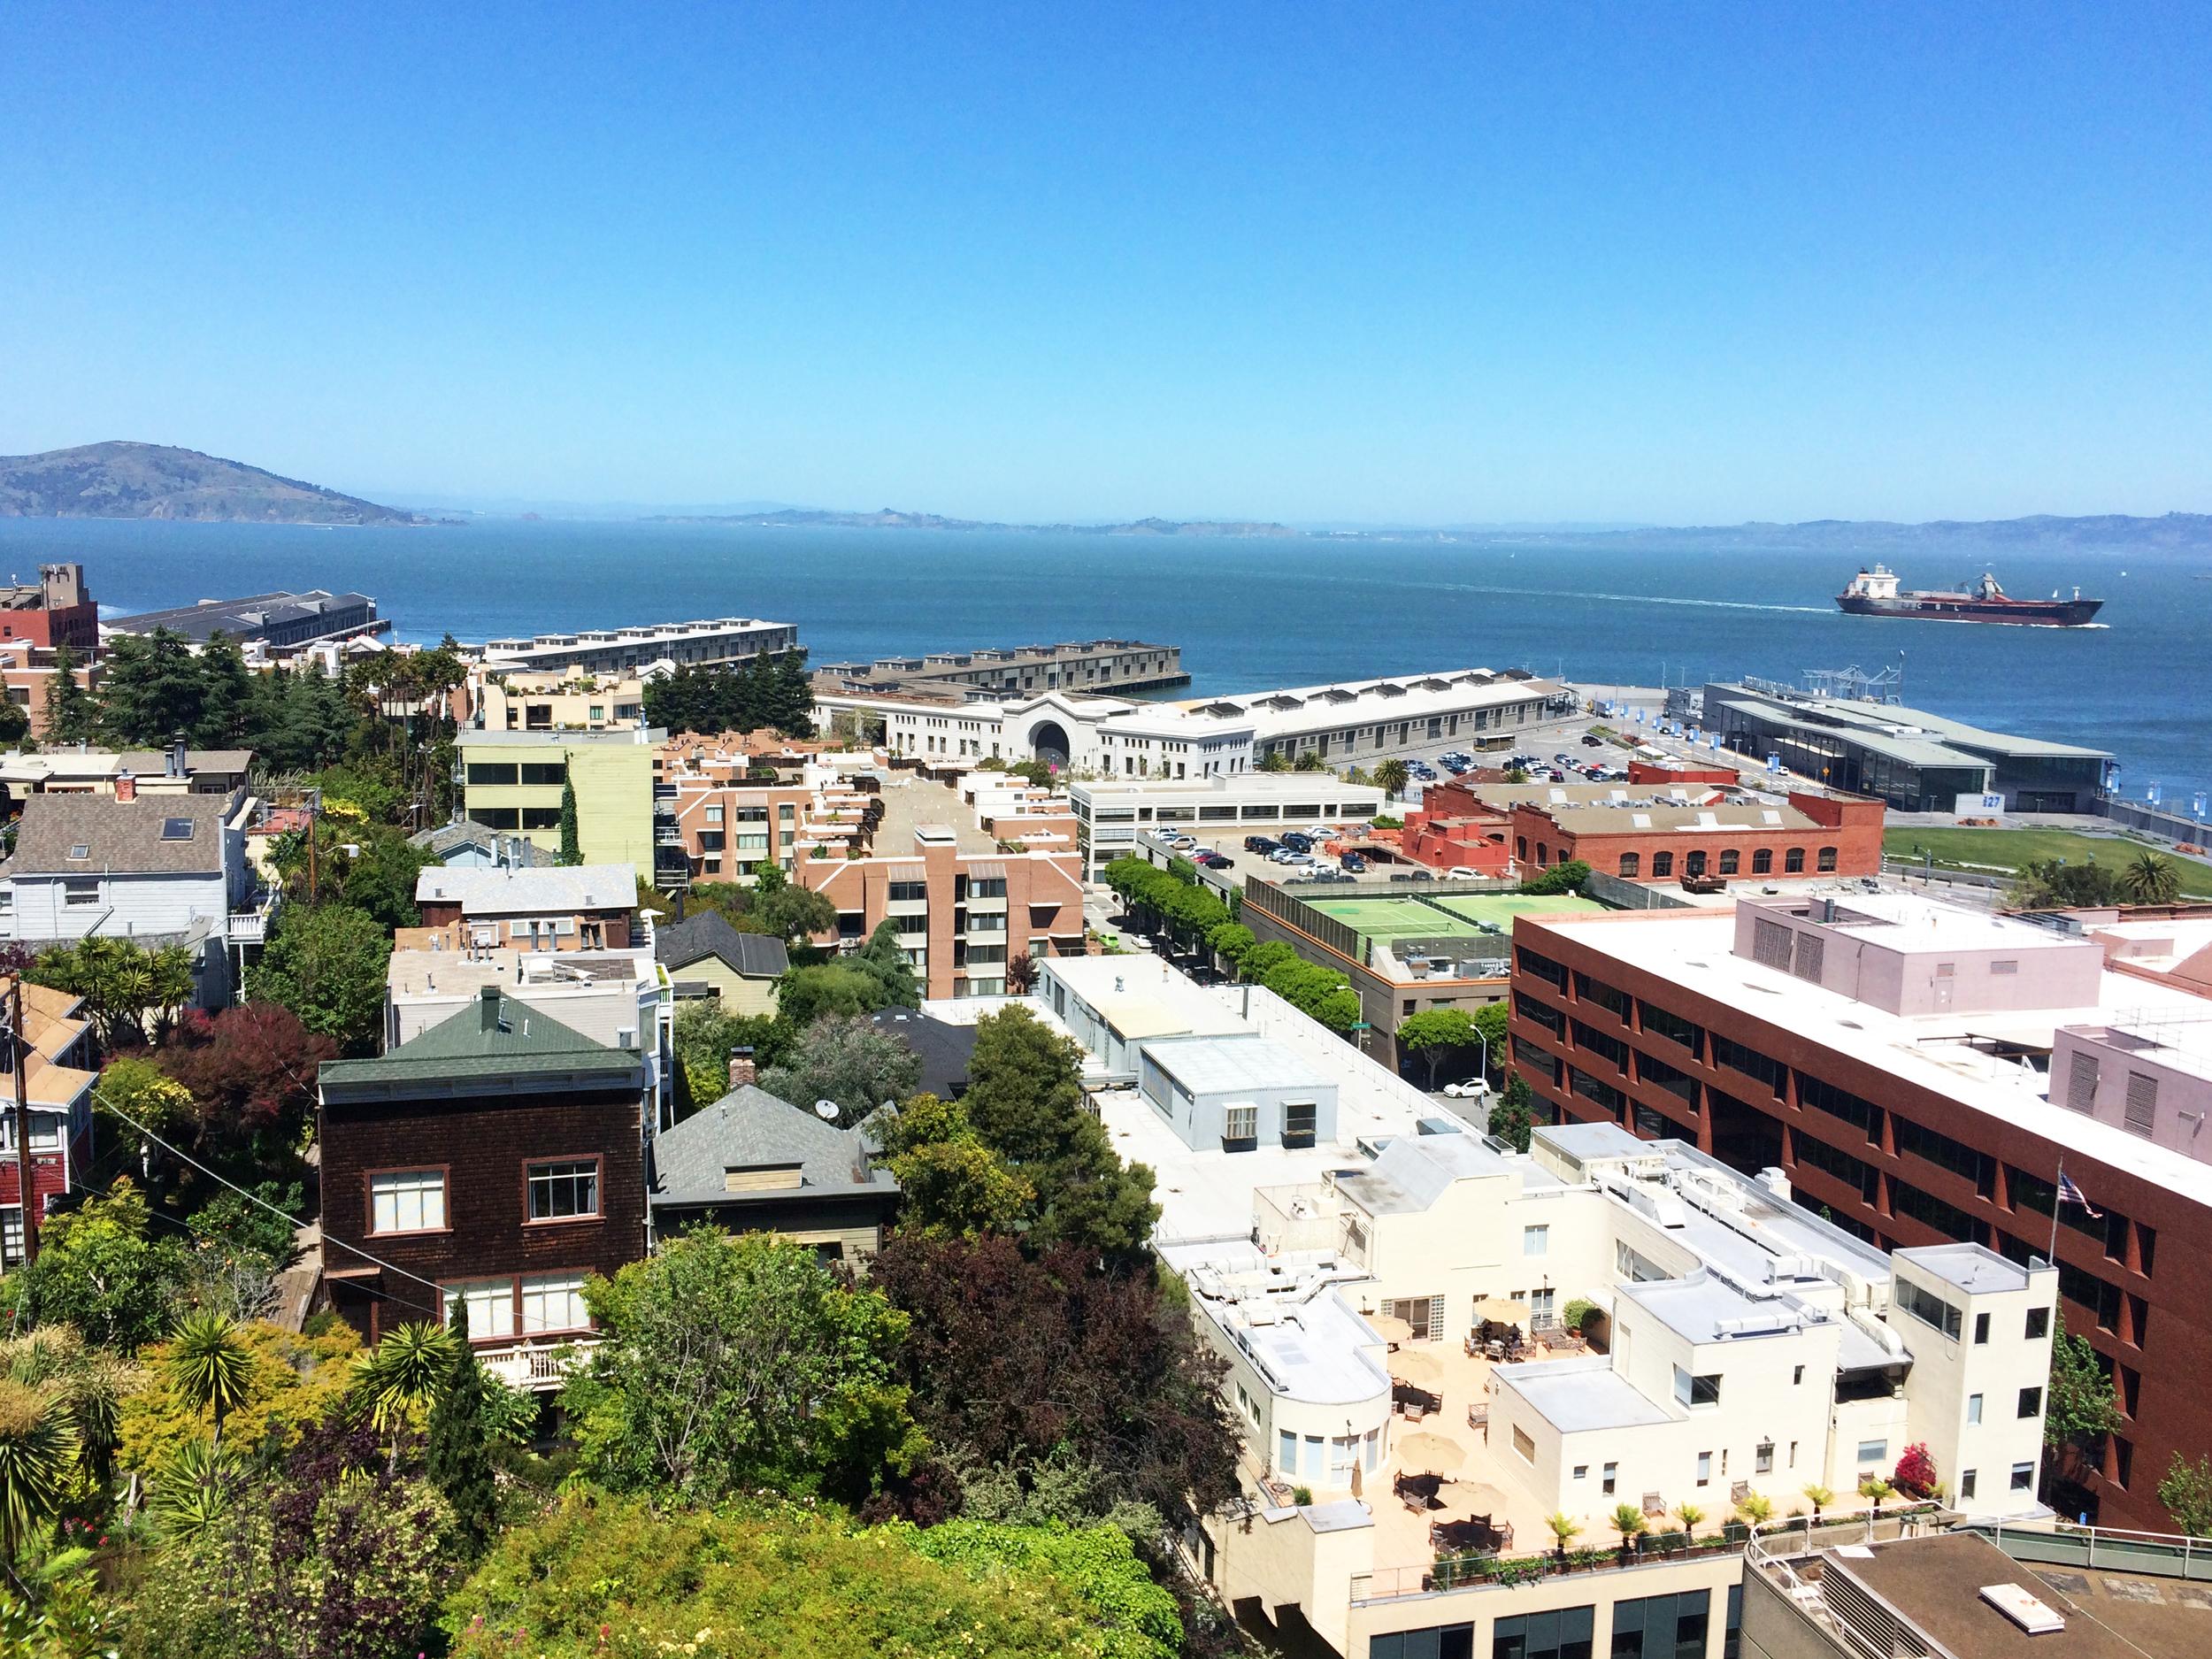 Telegraph Hill views